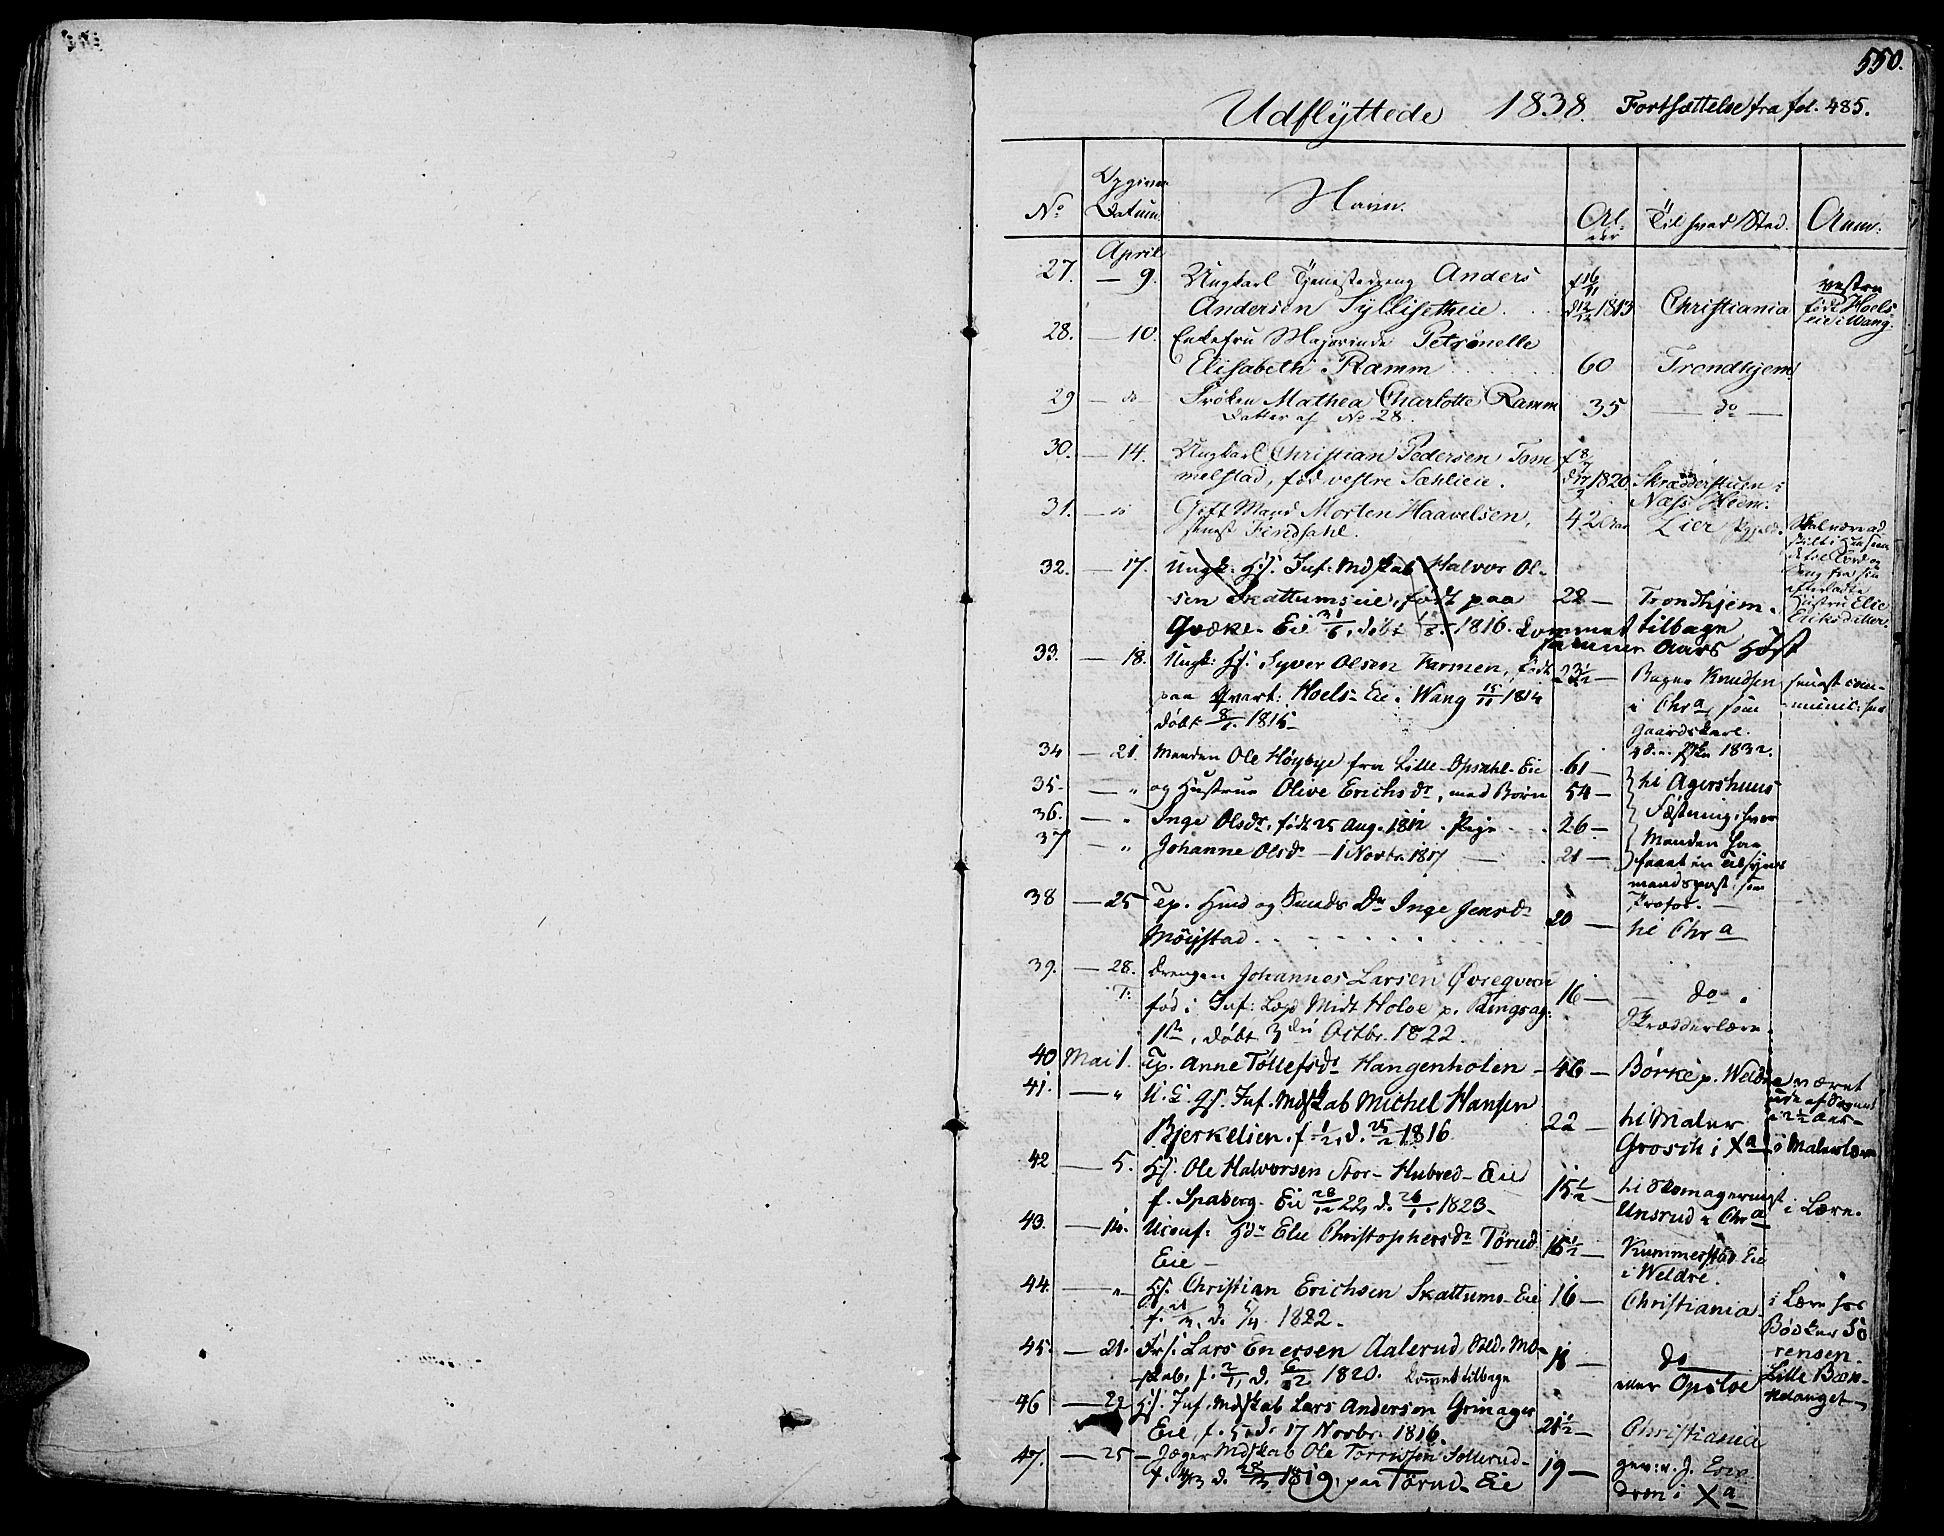 SAH, Vang prestekontor, Hedmark, H/Ha/Haa/L0009: Ministerialbok nr. 9, 1826-1841, s. 550